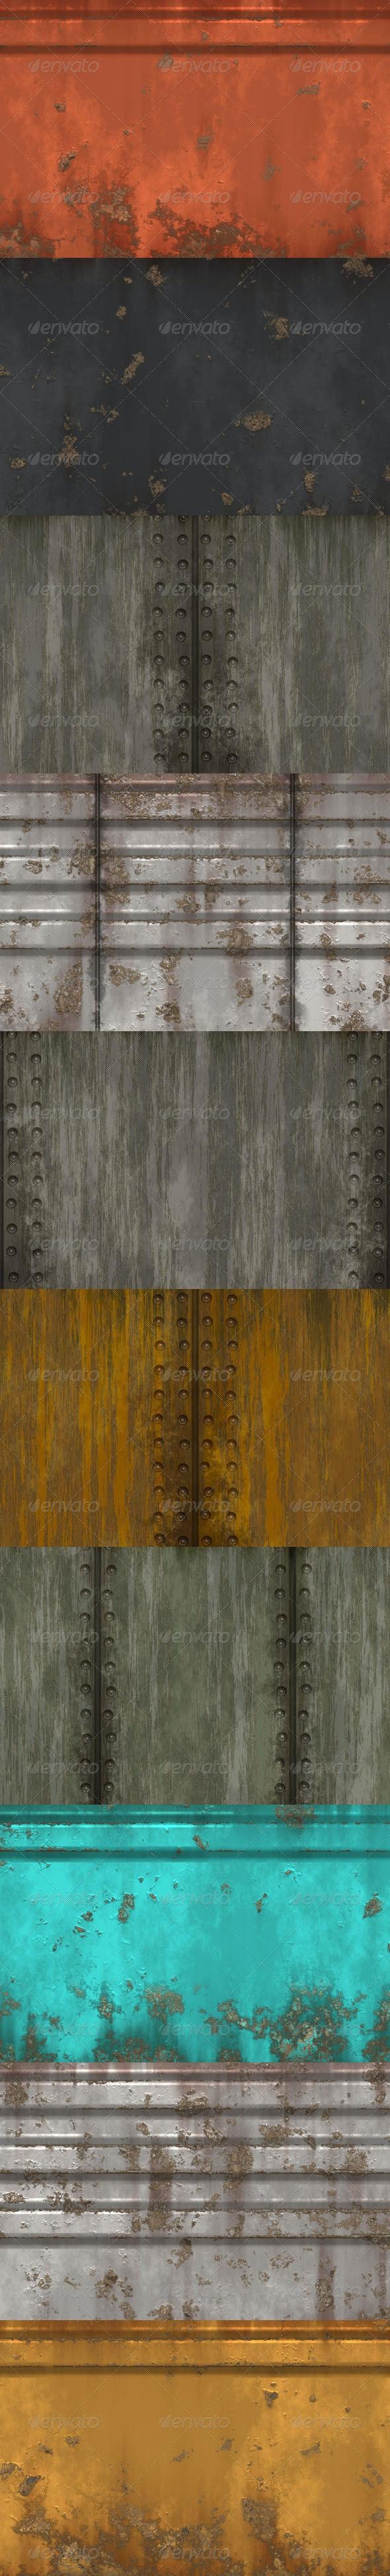 10 Metal Wall Textures - Industrial / Grunge Textures